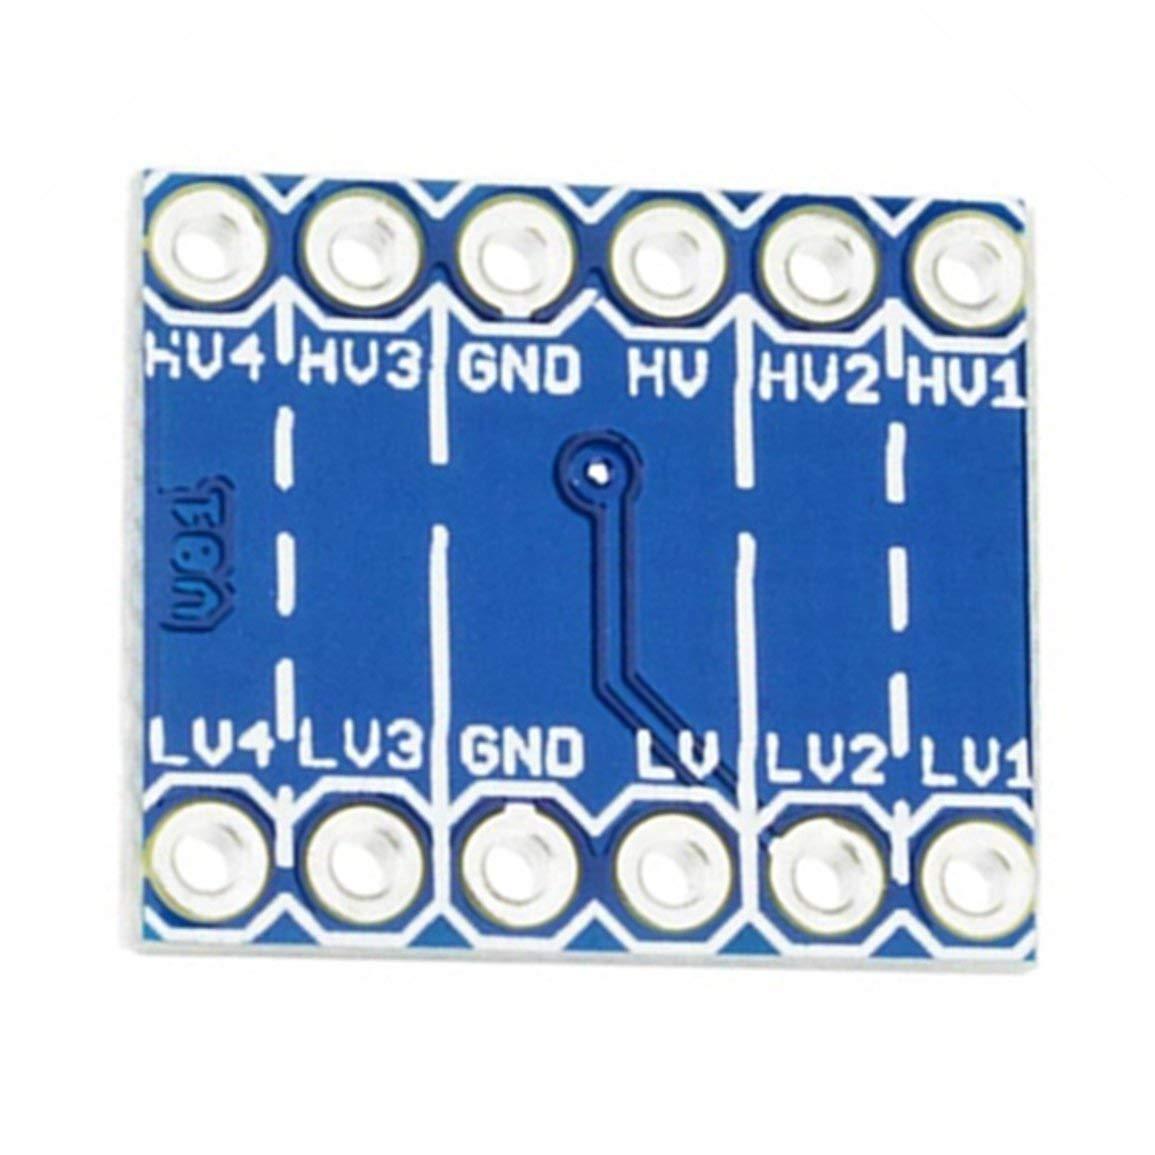 Garciaria Module bidirectionnel de convertisseur de Niveau de logique IIC I2C 5V /à 3.3V pour Arduino Couleur: Bleu